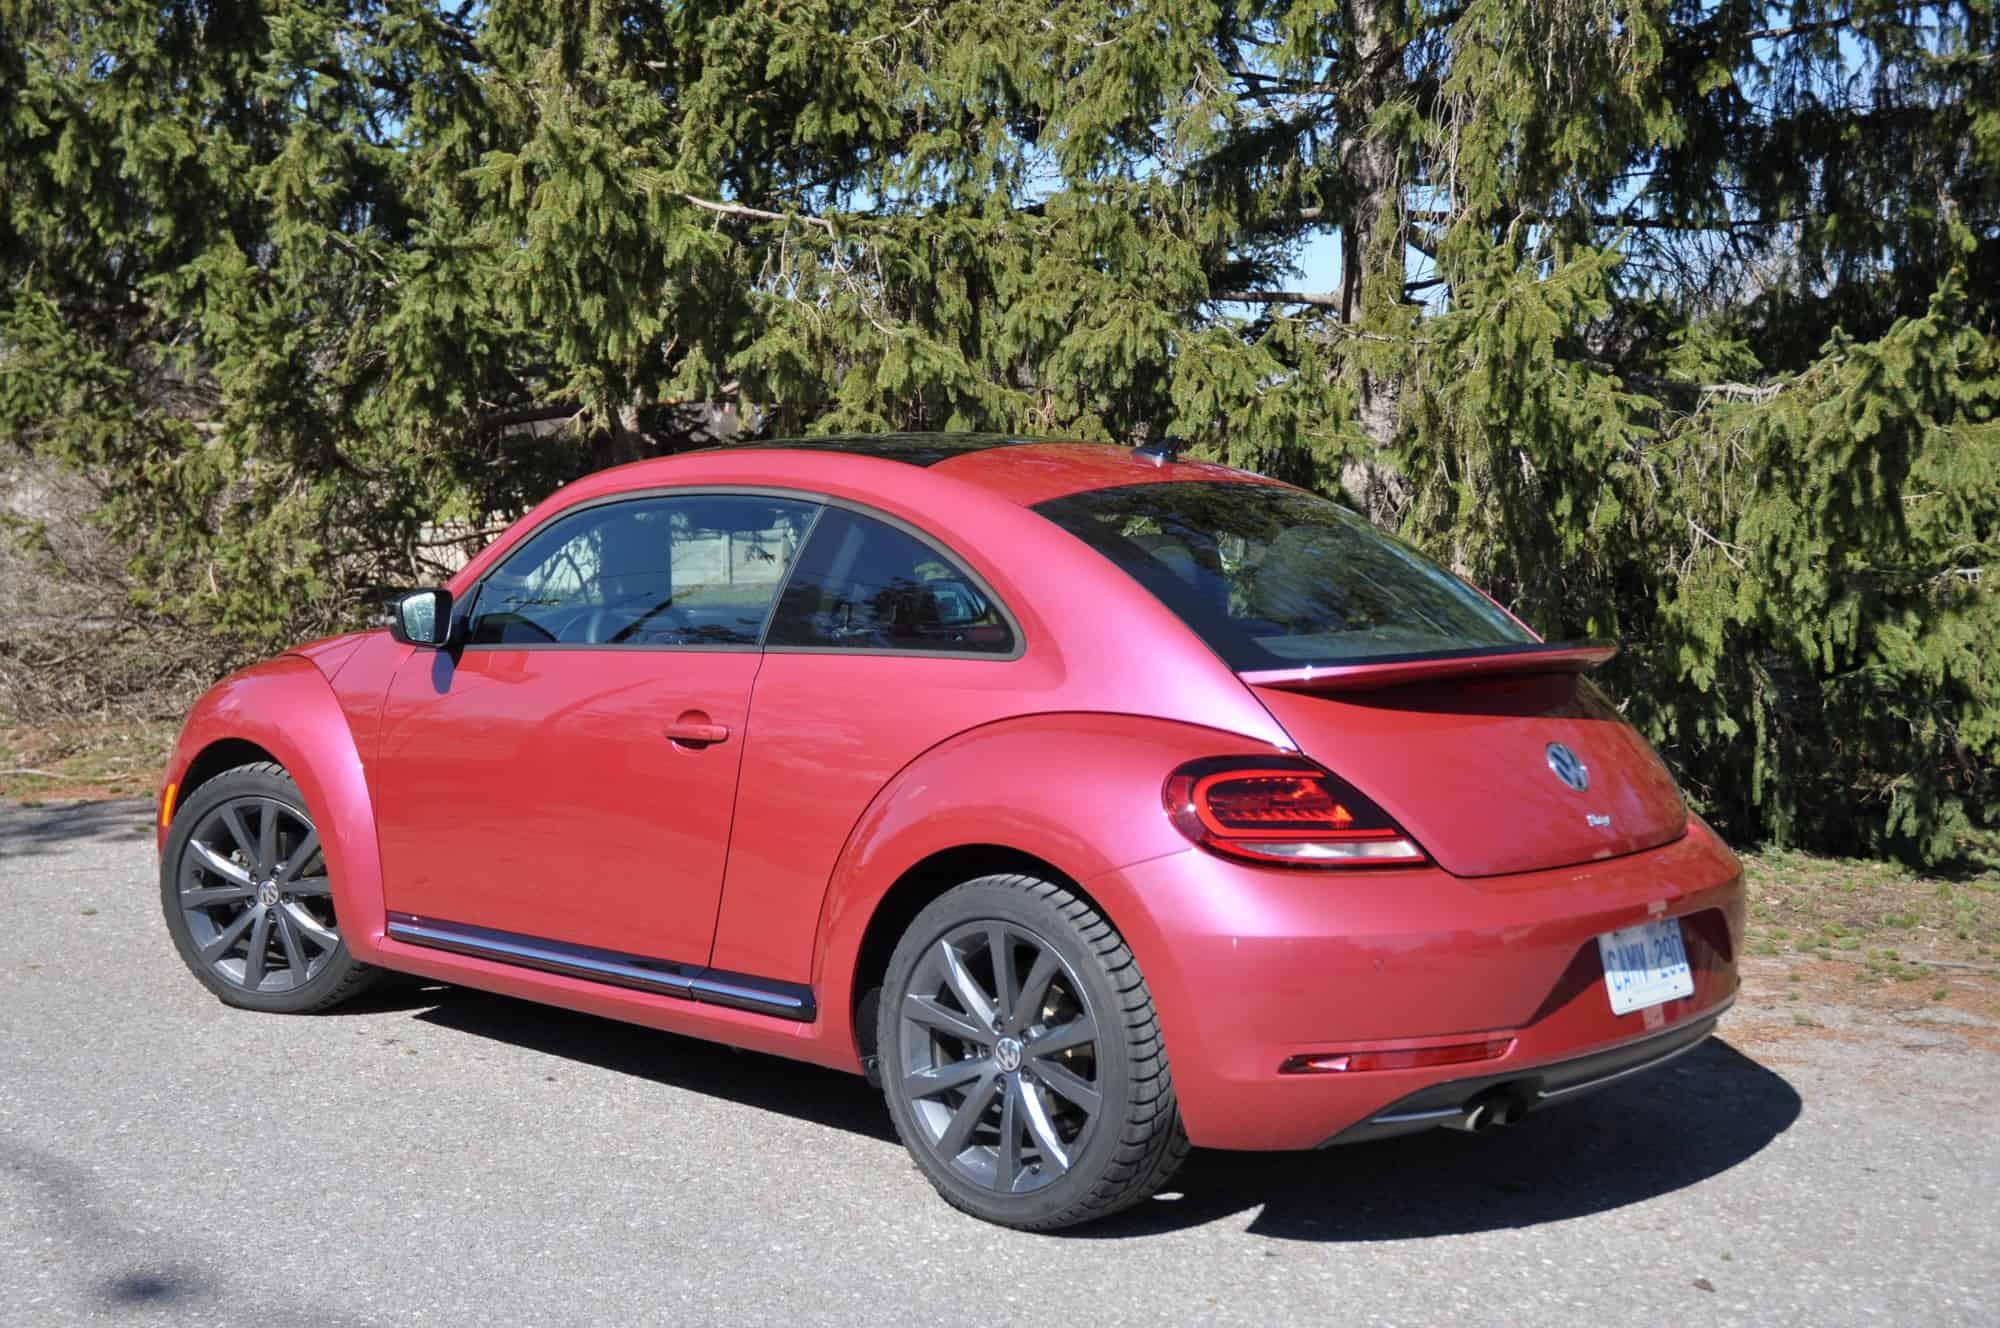 digital pretty utah beetle in metallic volkswagen camera vw olympus pink